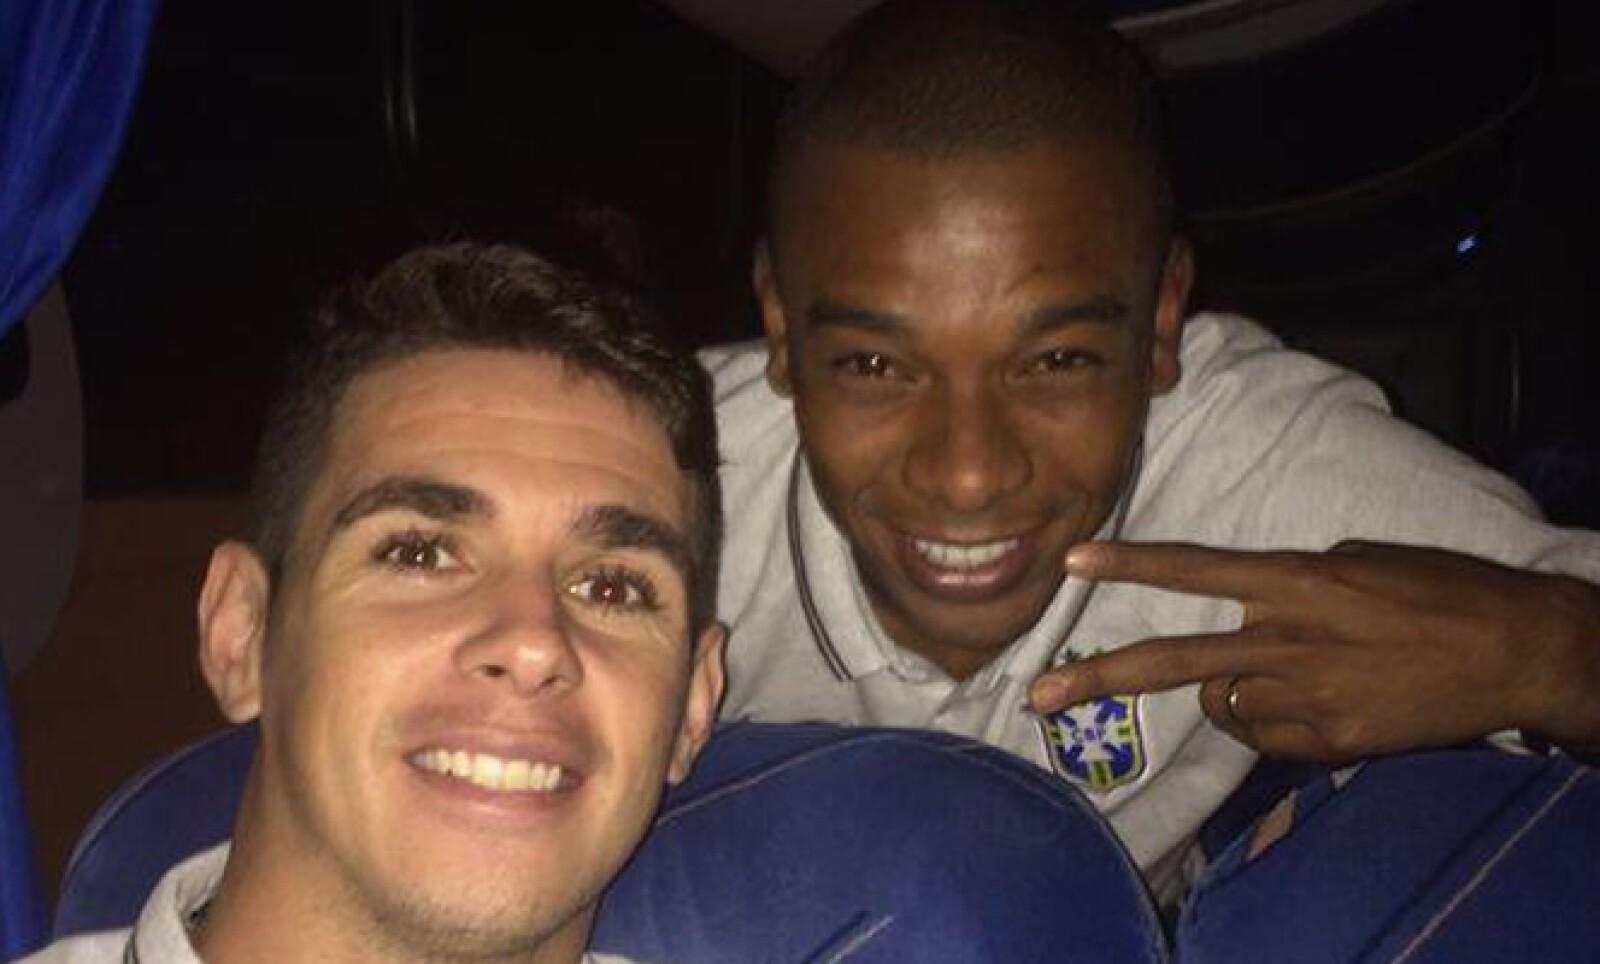 El brasileño Oscar posa junto a Fernandinho en el autobús de la selección de Brasil.